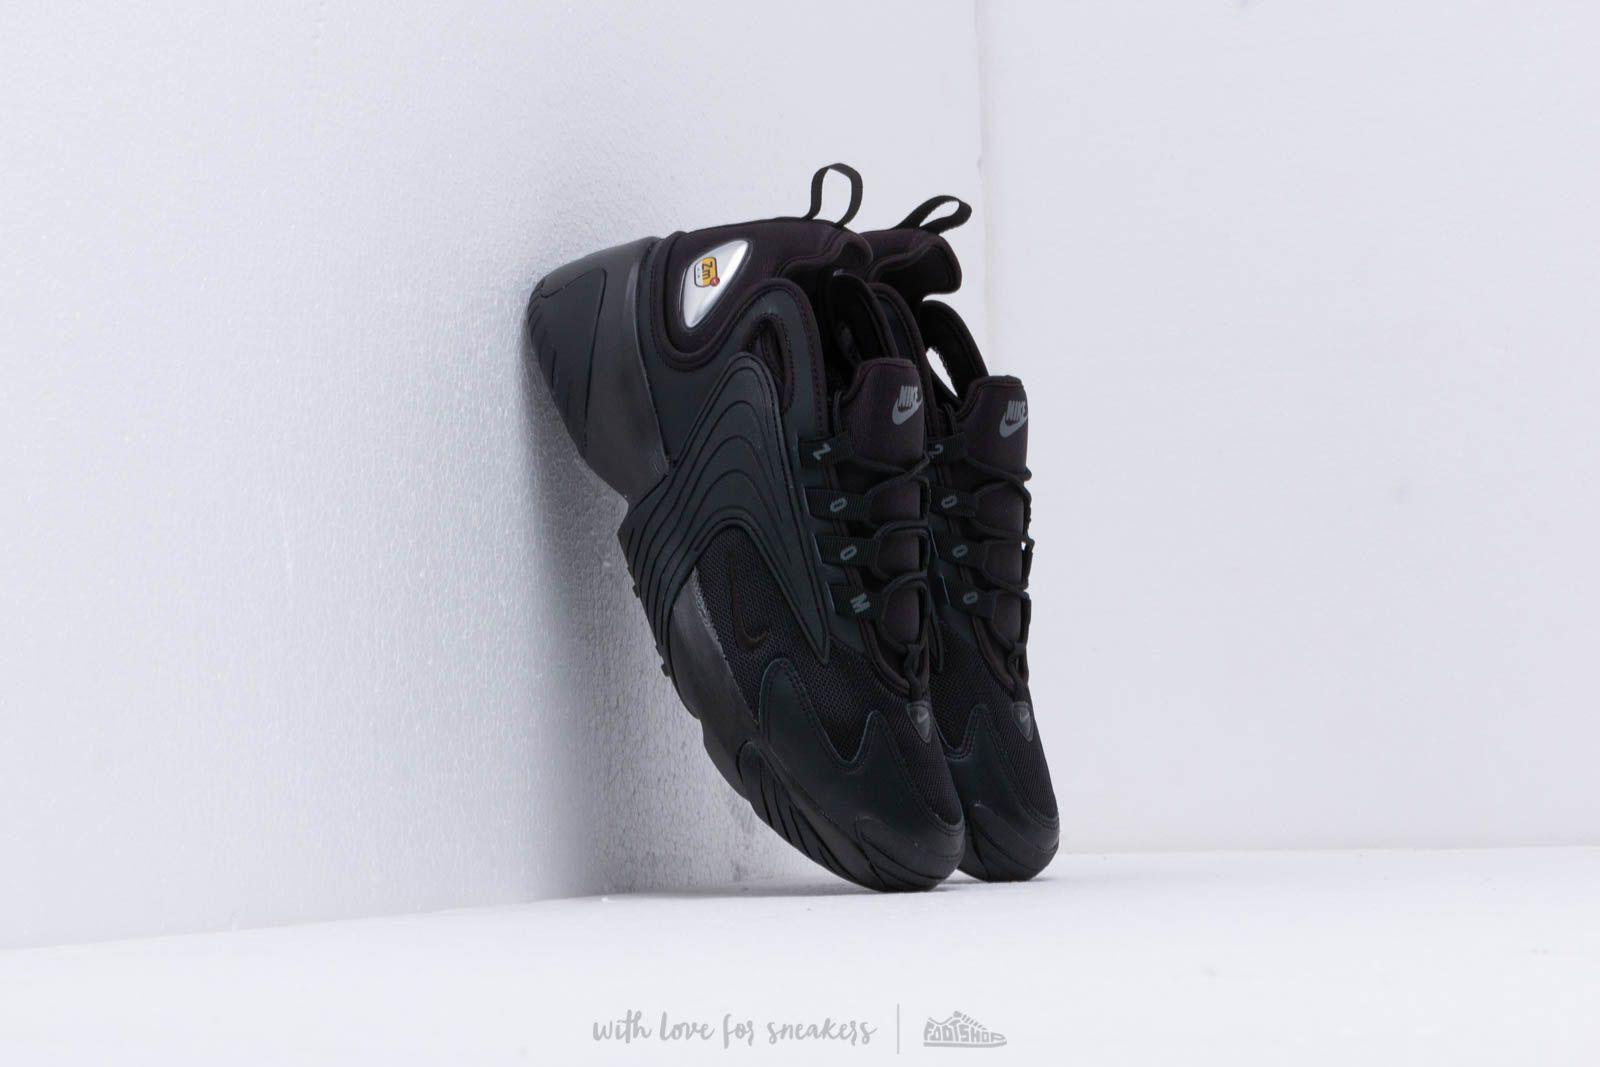 Pánské tenisky a boty Nike Zoom 2K Black/ Black-Anthracite